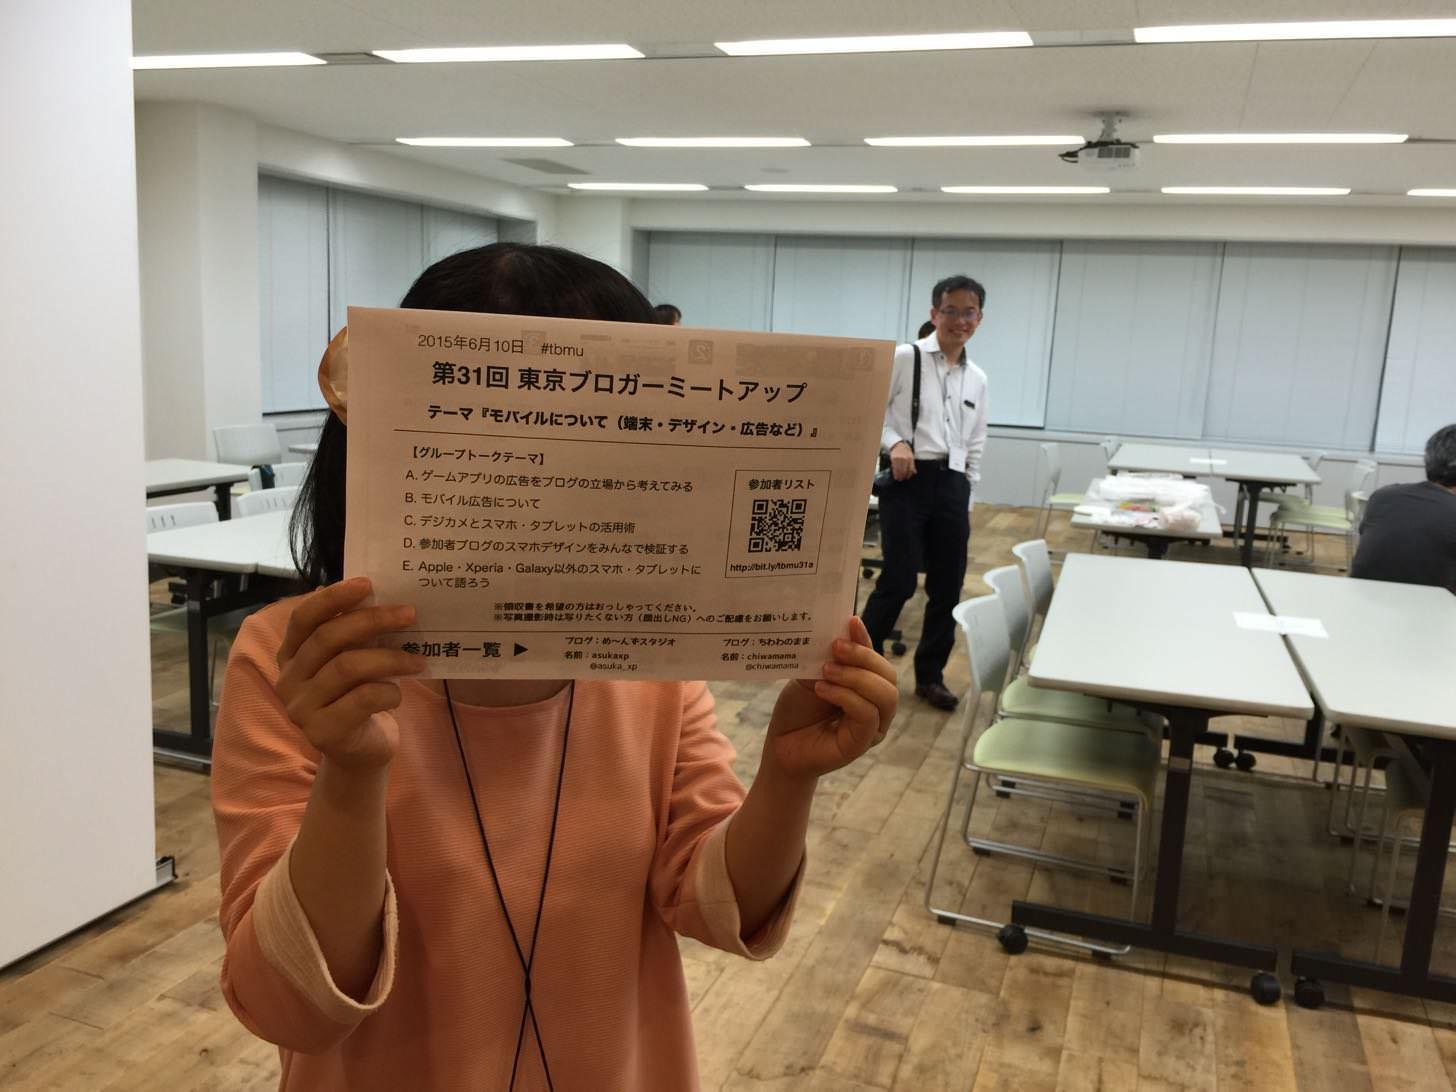 モバイルの話がいっぱい聞けるときいて、第31回東京ブロガーミートアップに潜入! #tbmu